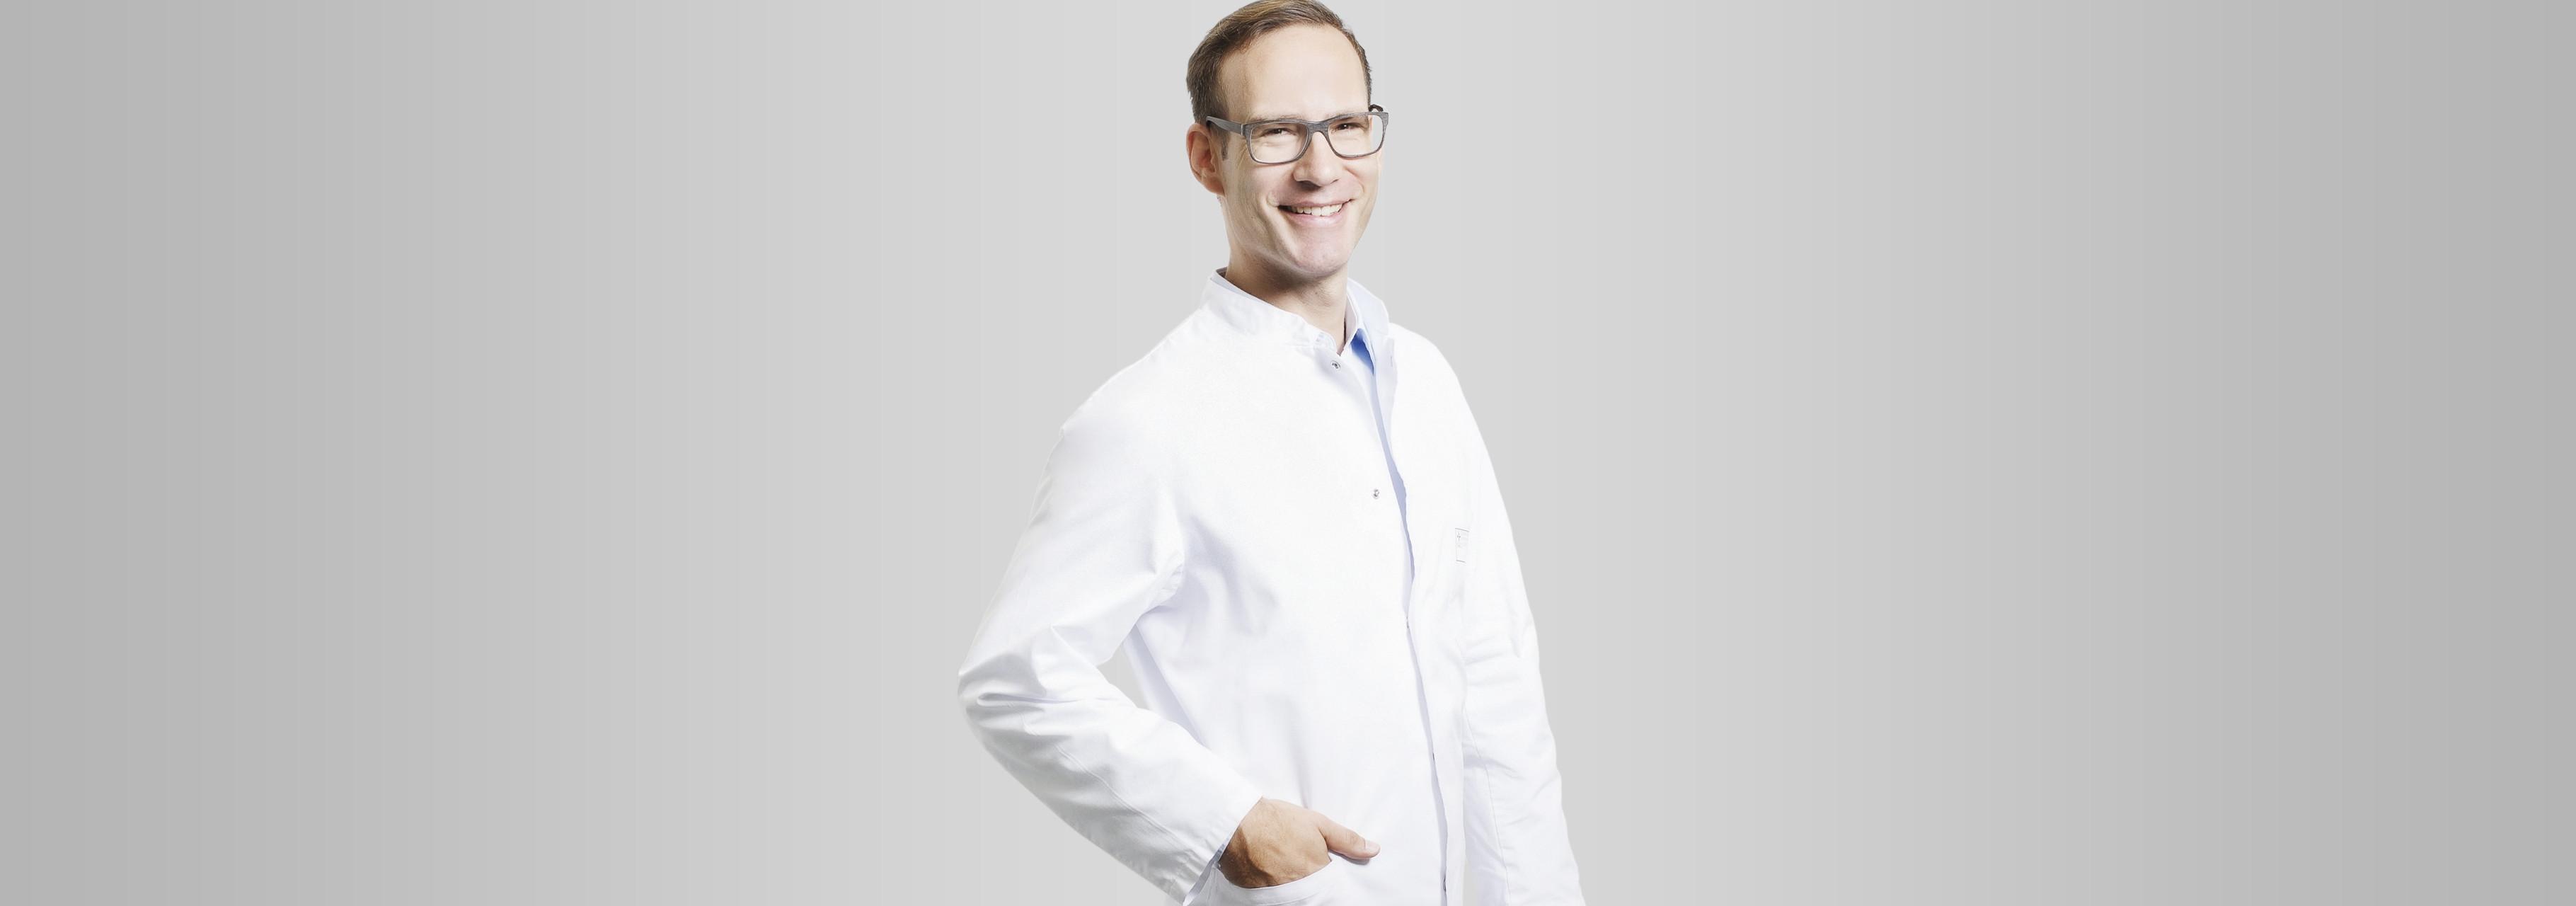 dr-grimm_slider